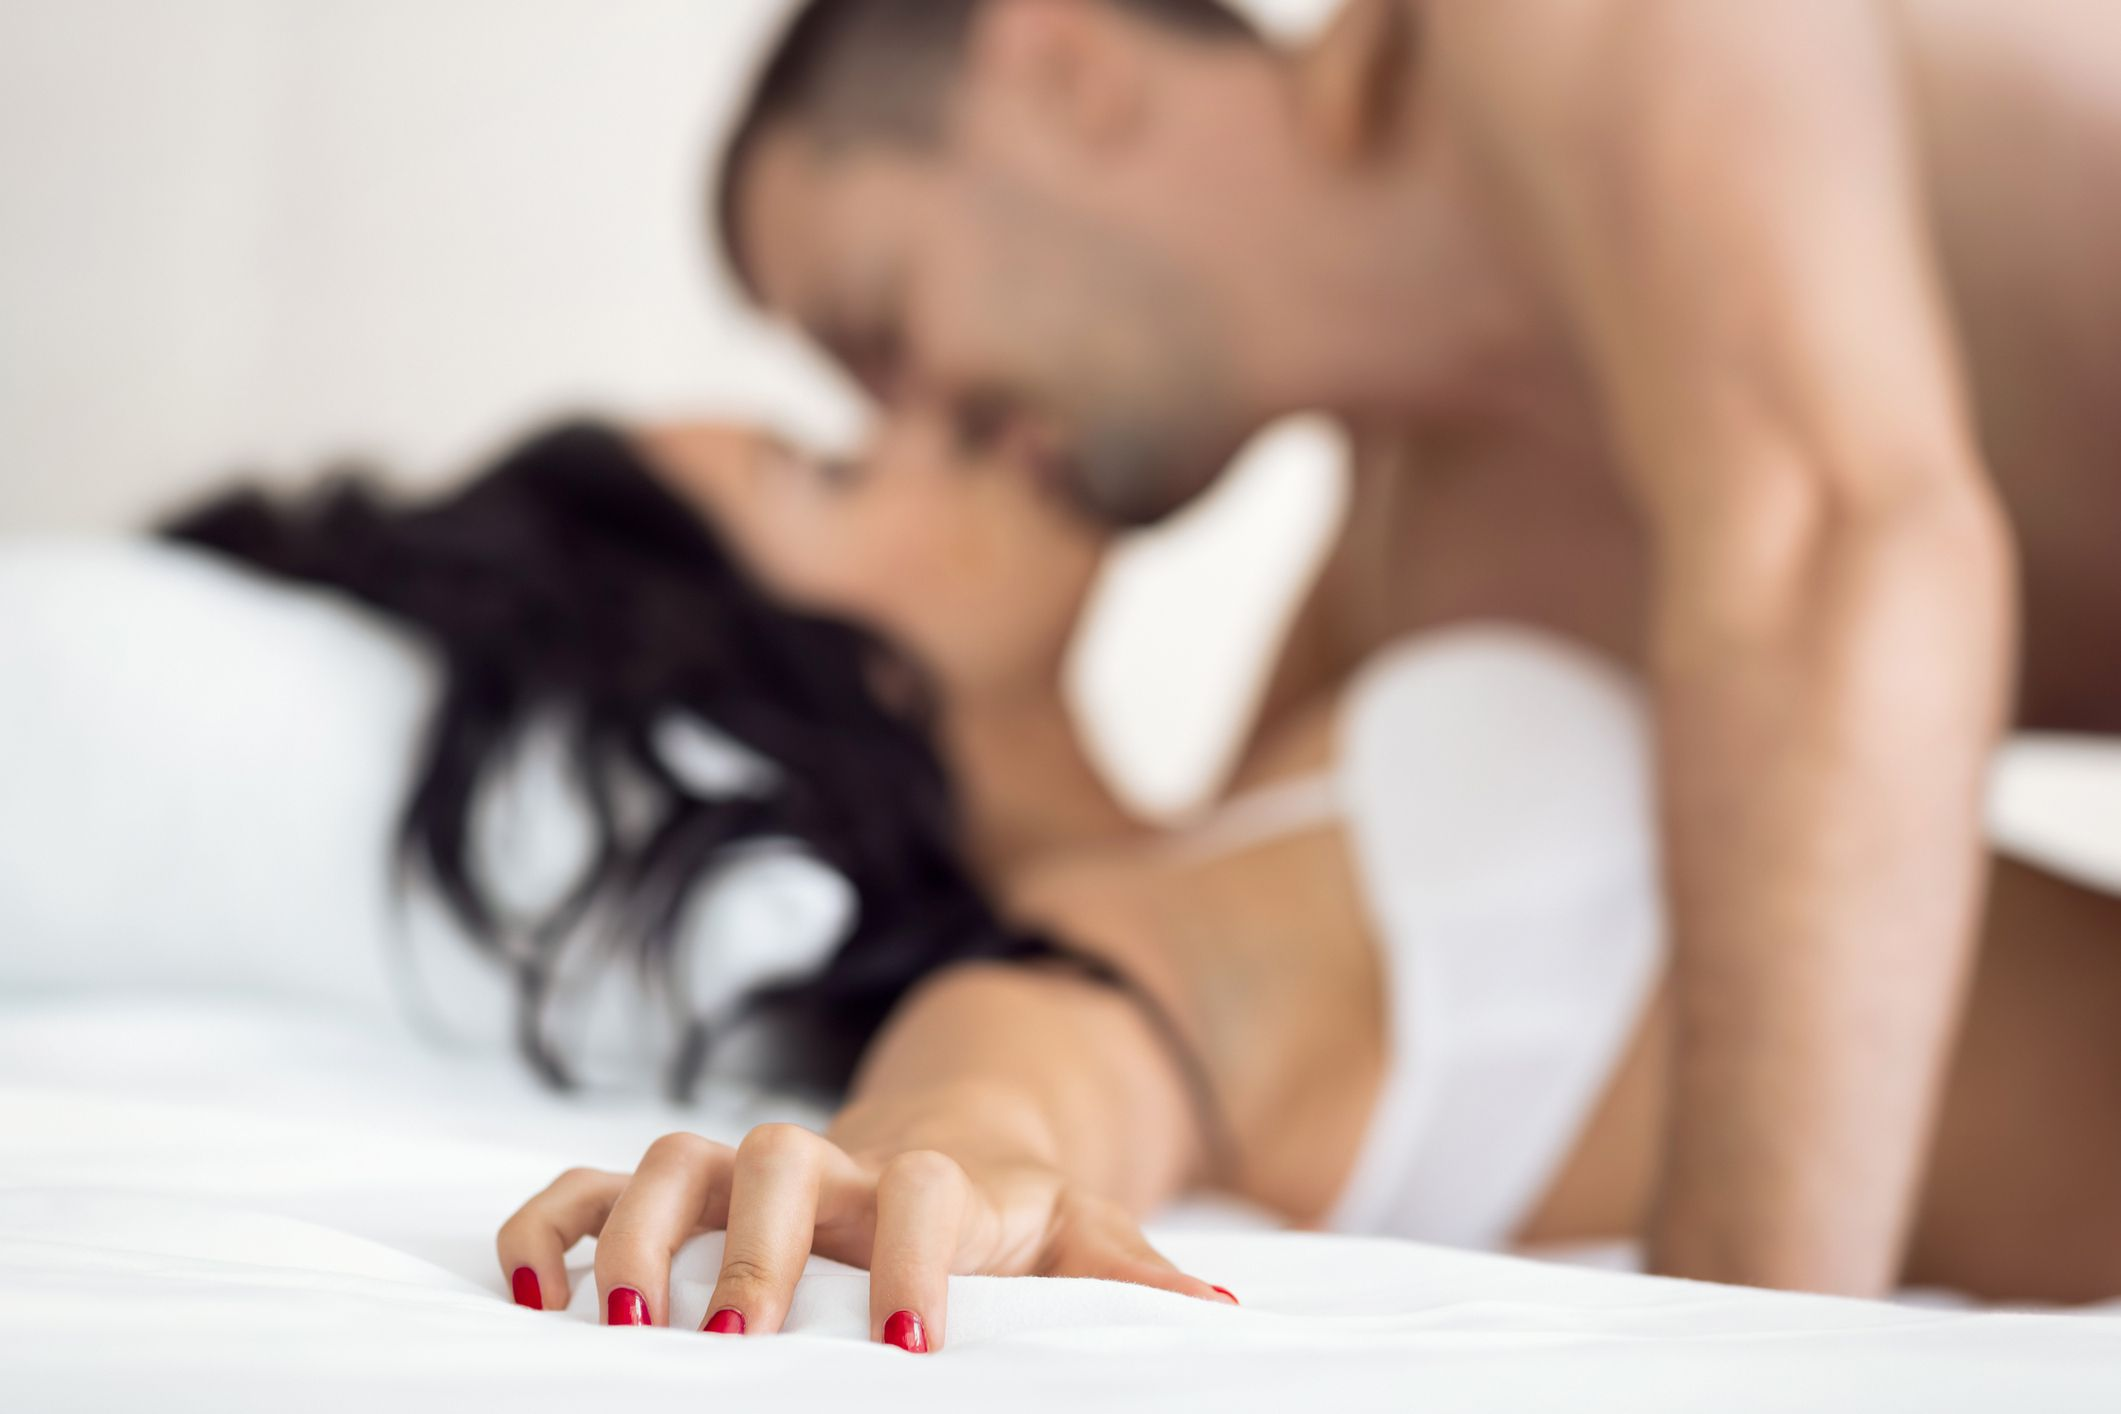 Porn gsme sex